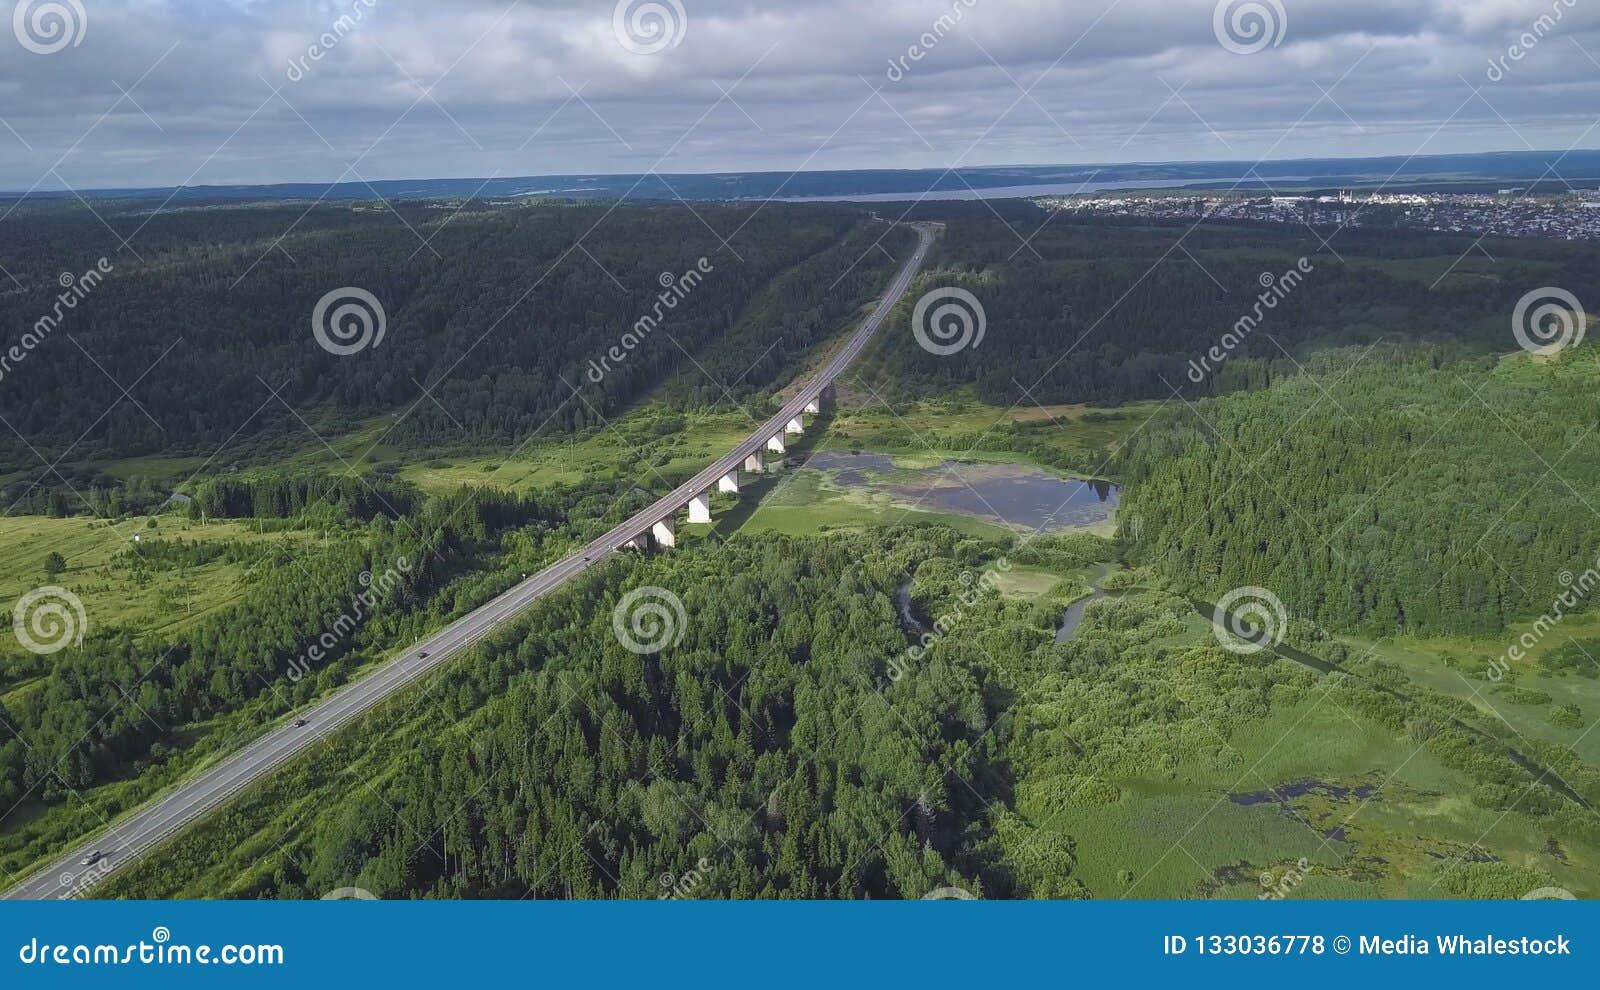 Τοπ άποψη της γέφυρας που περνά μέσω στο δασικό συνδετήρα Περάσματα εθνικών οδών μέσω του έλους στο δάσος στην πόλη στον ορίζοντα